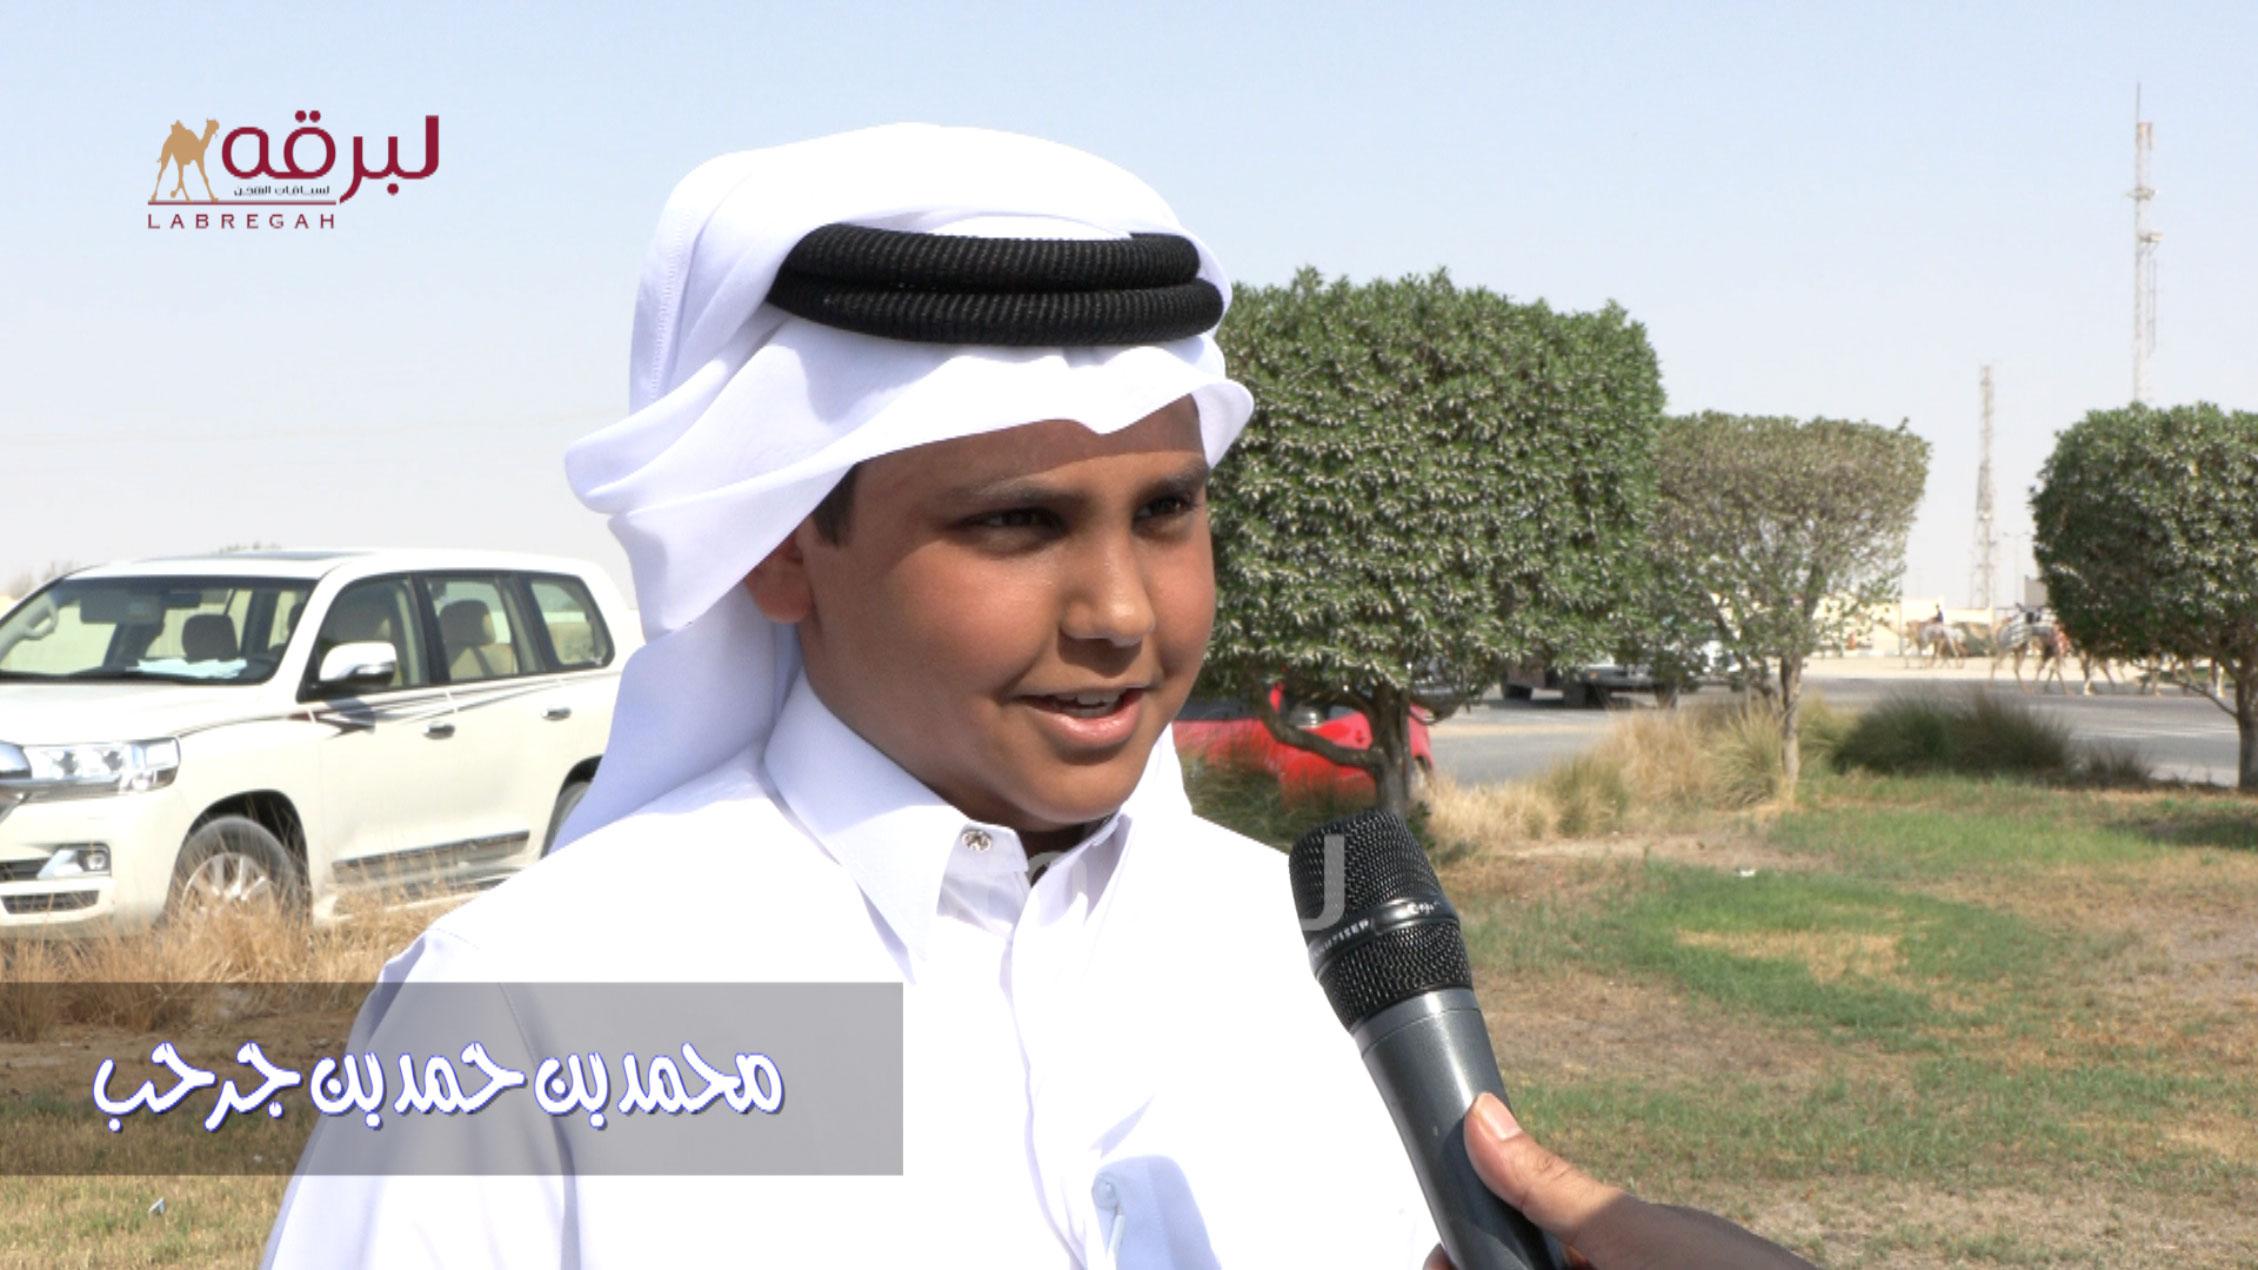 لقاء مع محمد بن حمد بن جرحب الشوط الرئيسي حقايق بكار إنتاج ميدان الشحانية ٤-٩-٢٠٢١